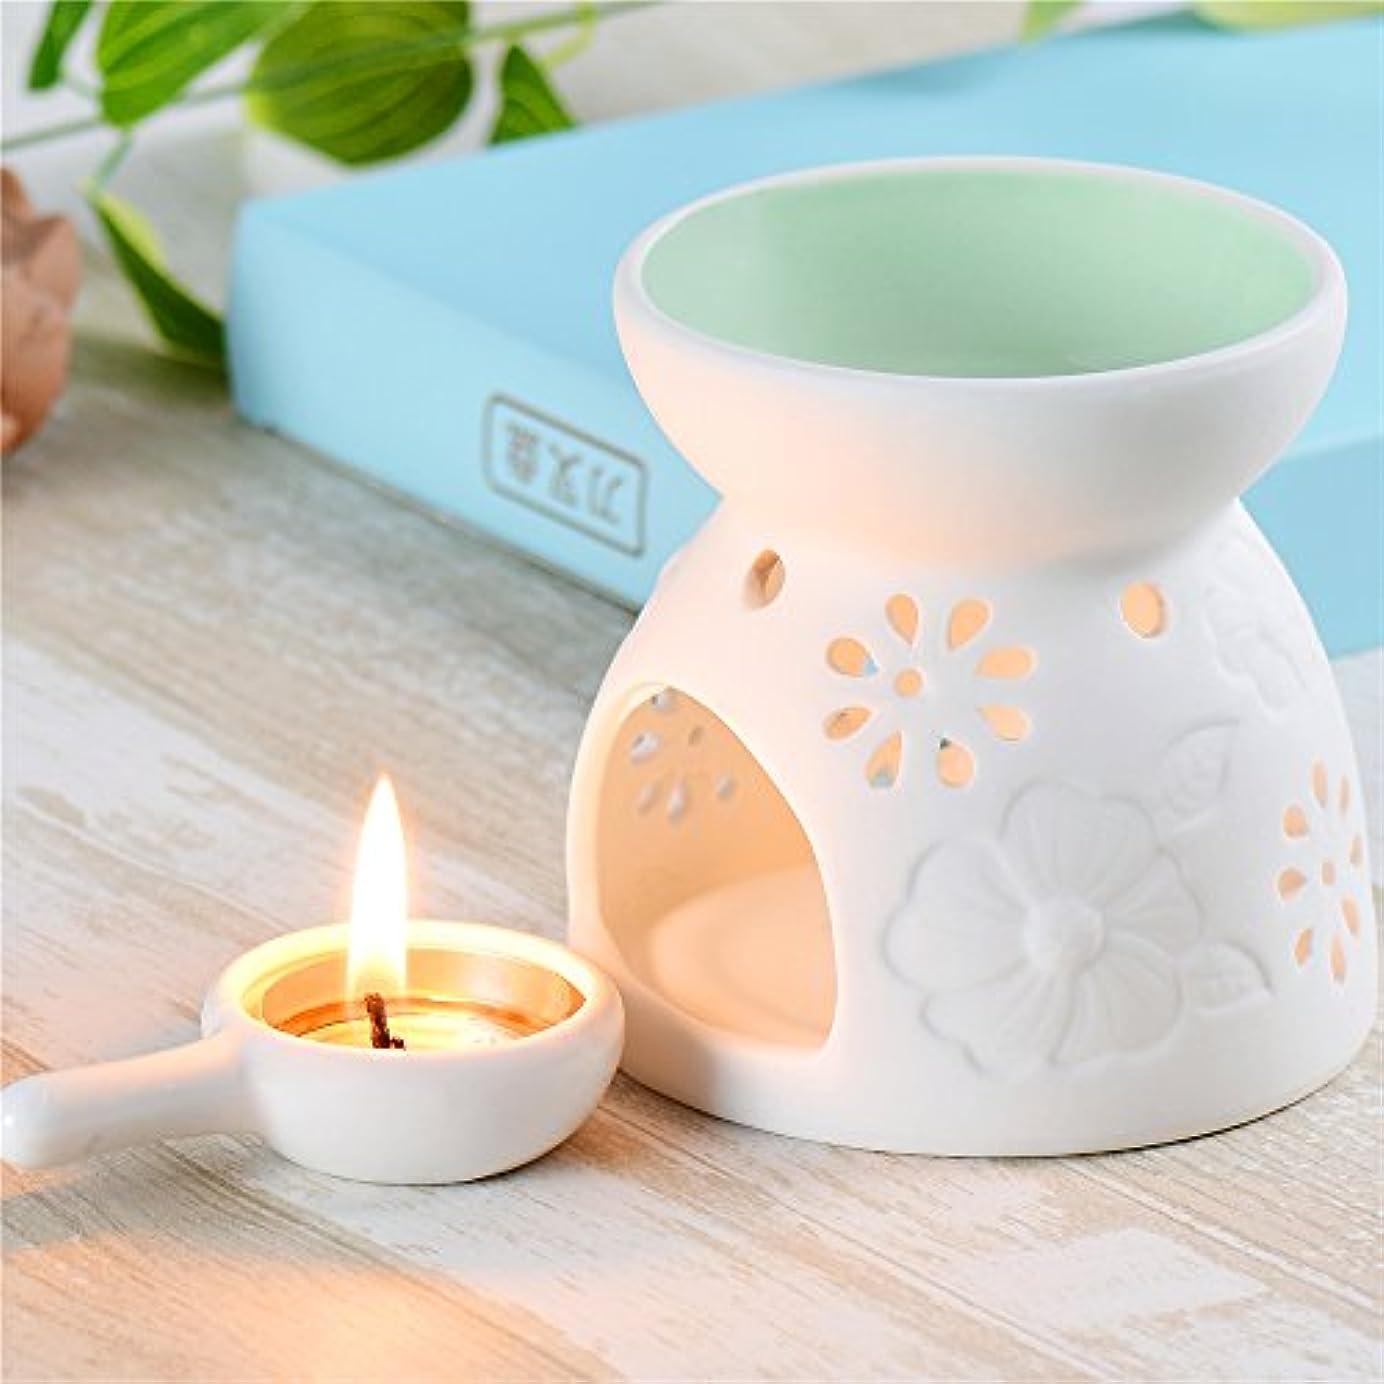 九時四十五分会話スタッフセラミックEssential Oil Warmer : Great for瞑想、アロマセラピー – Fragrance Diffuser使用with Tea Lights – Ideal For Wedding Gifts...